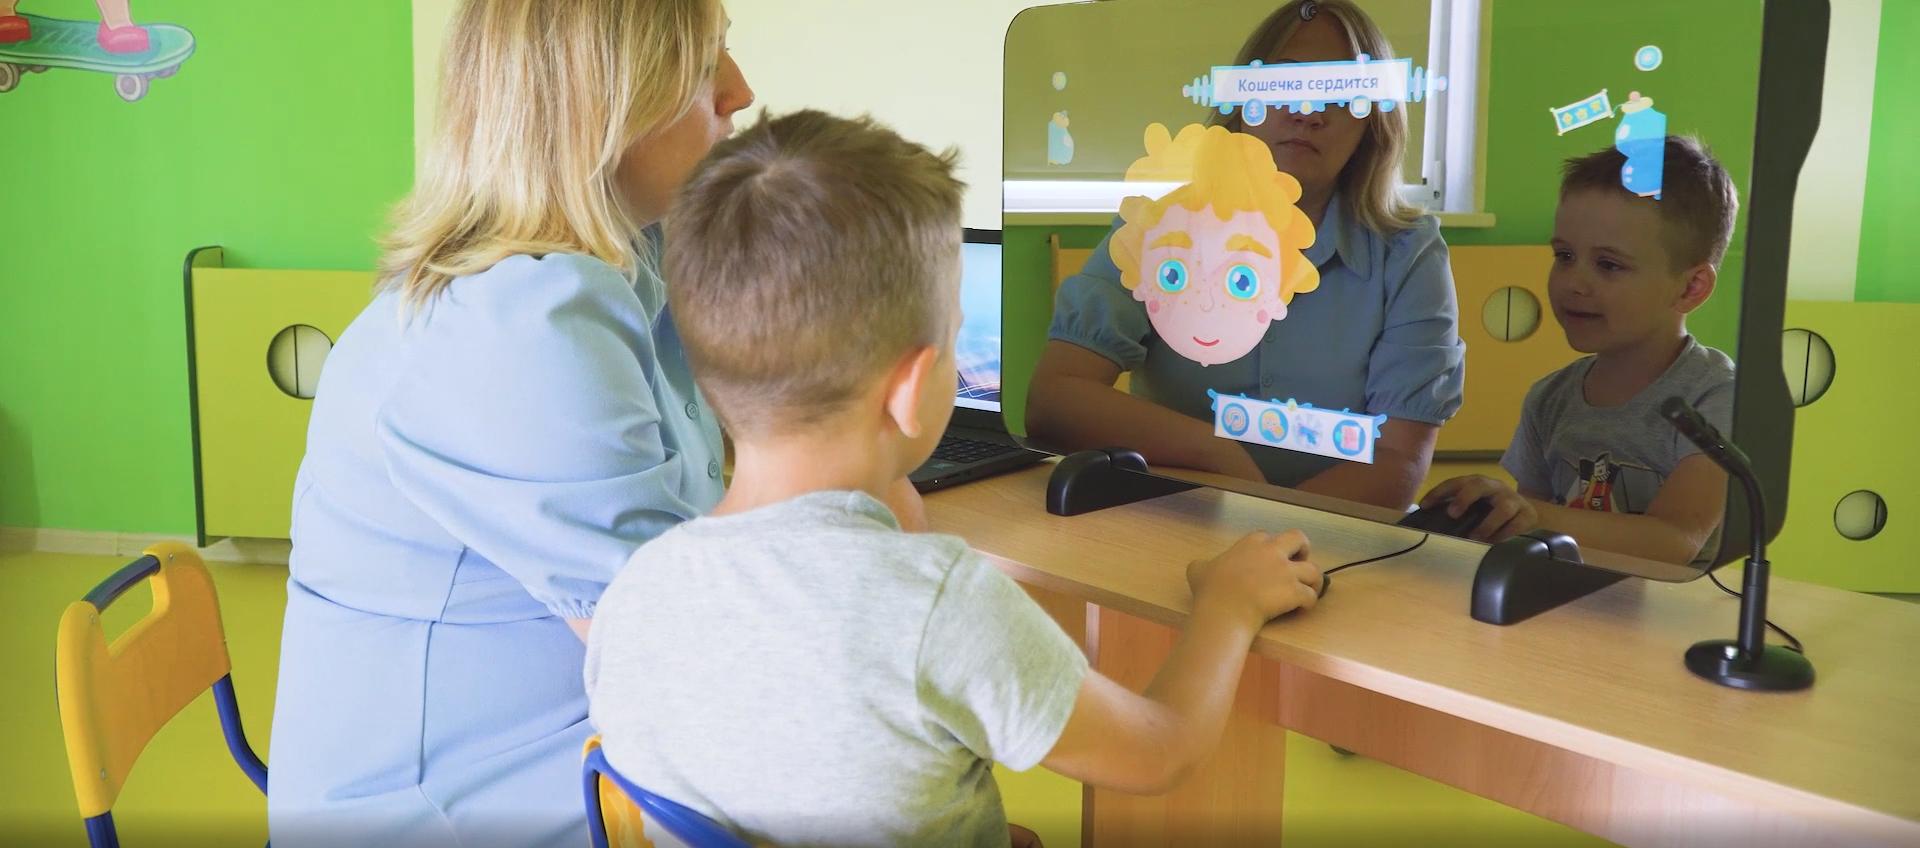 Компания ITDILAB представляет вашему вниманию комплексное оснащение интерактивным оборудованием для детских учреждений.